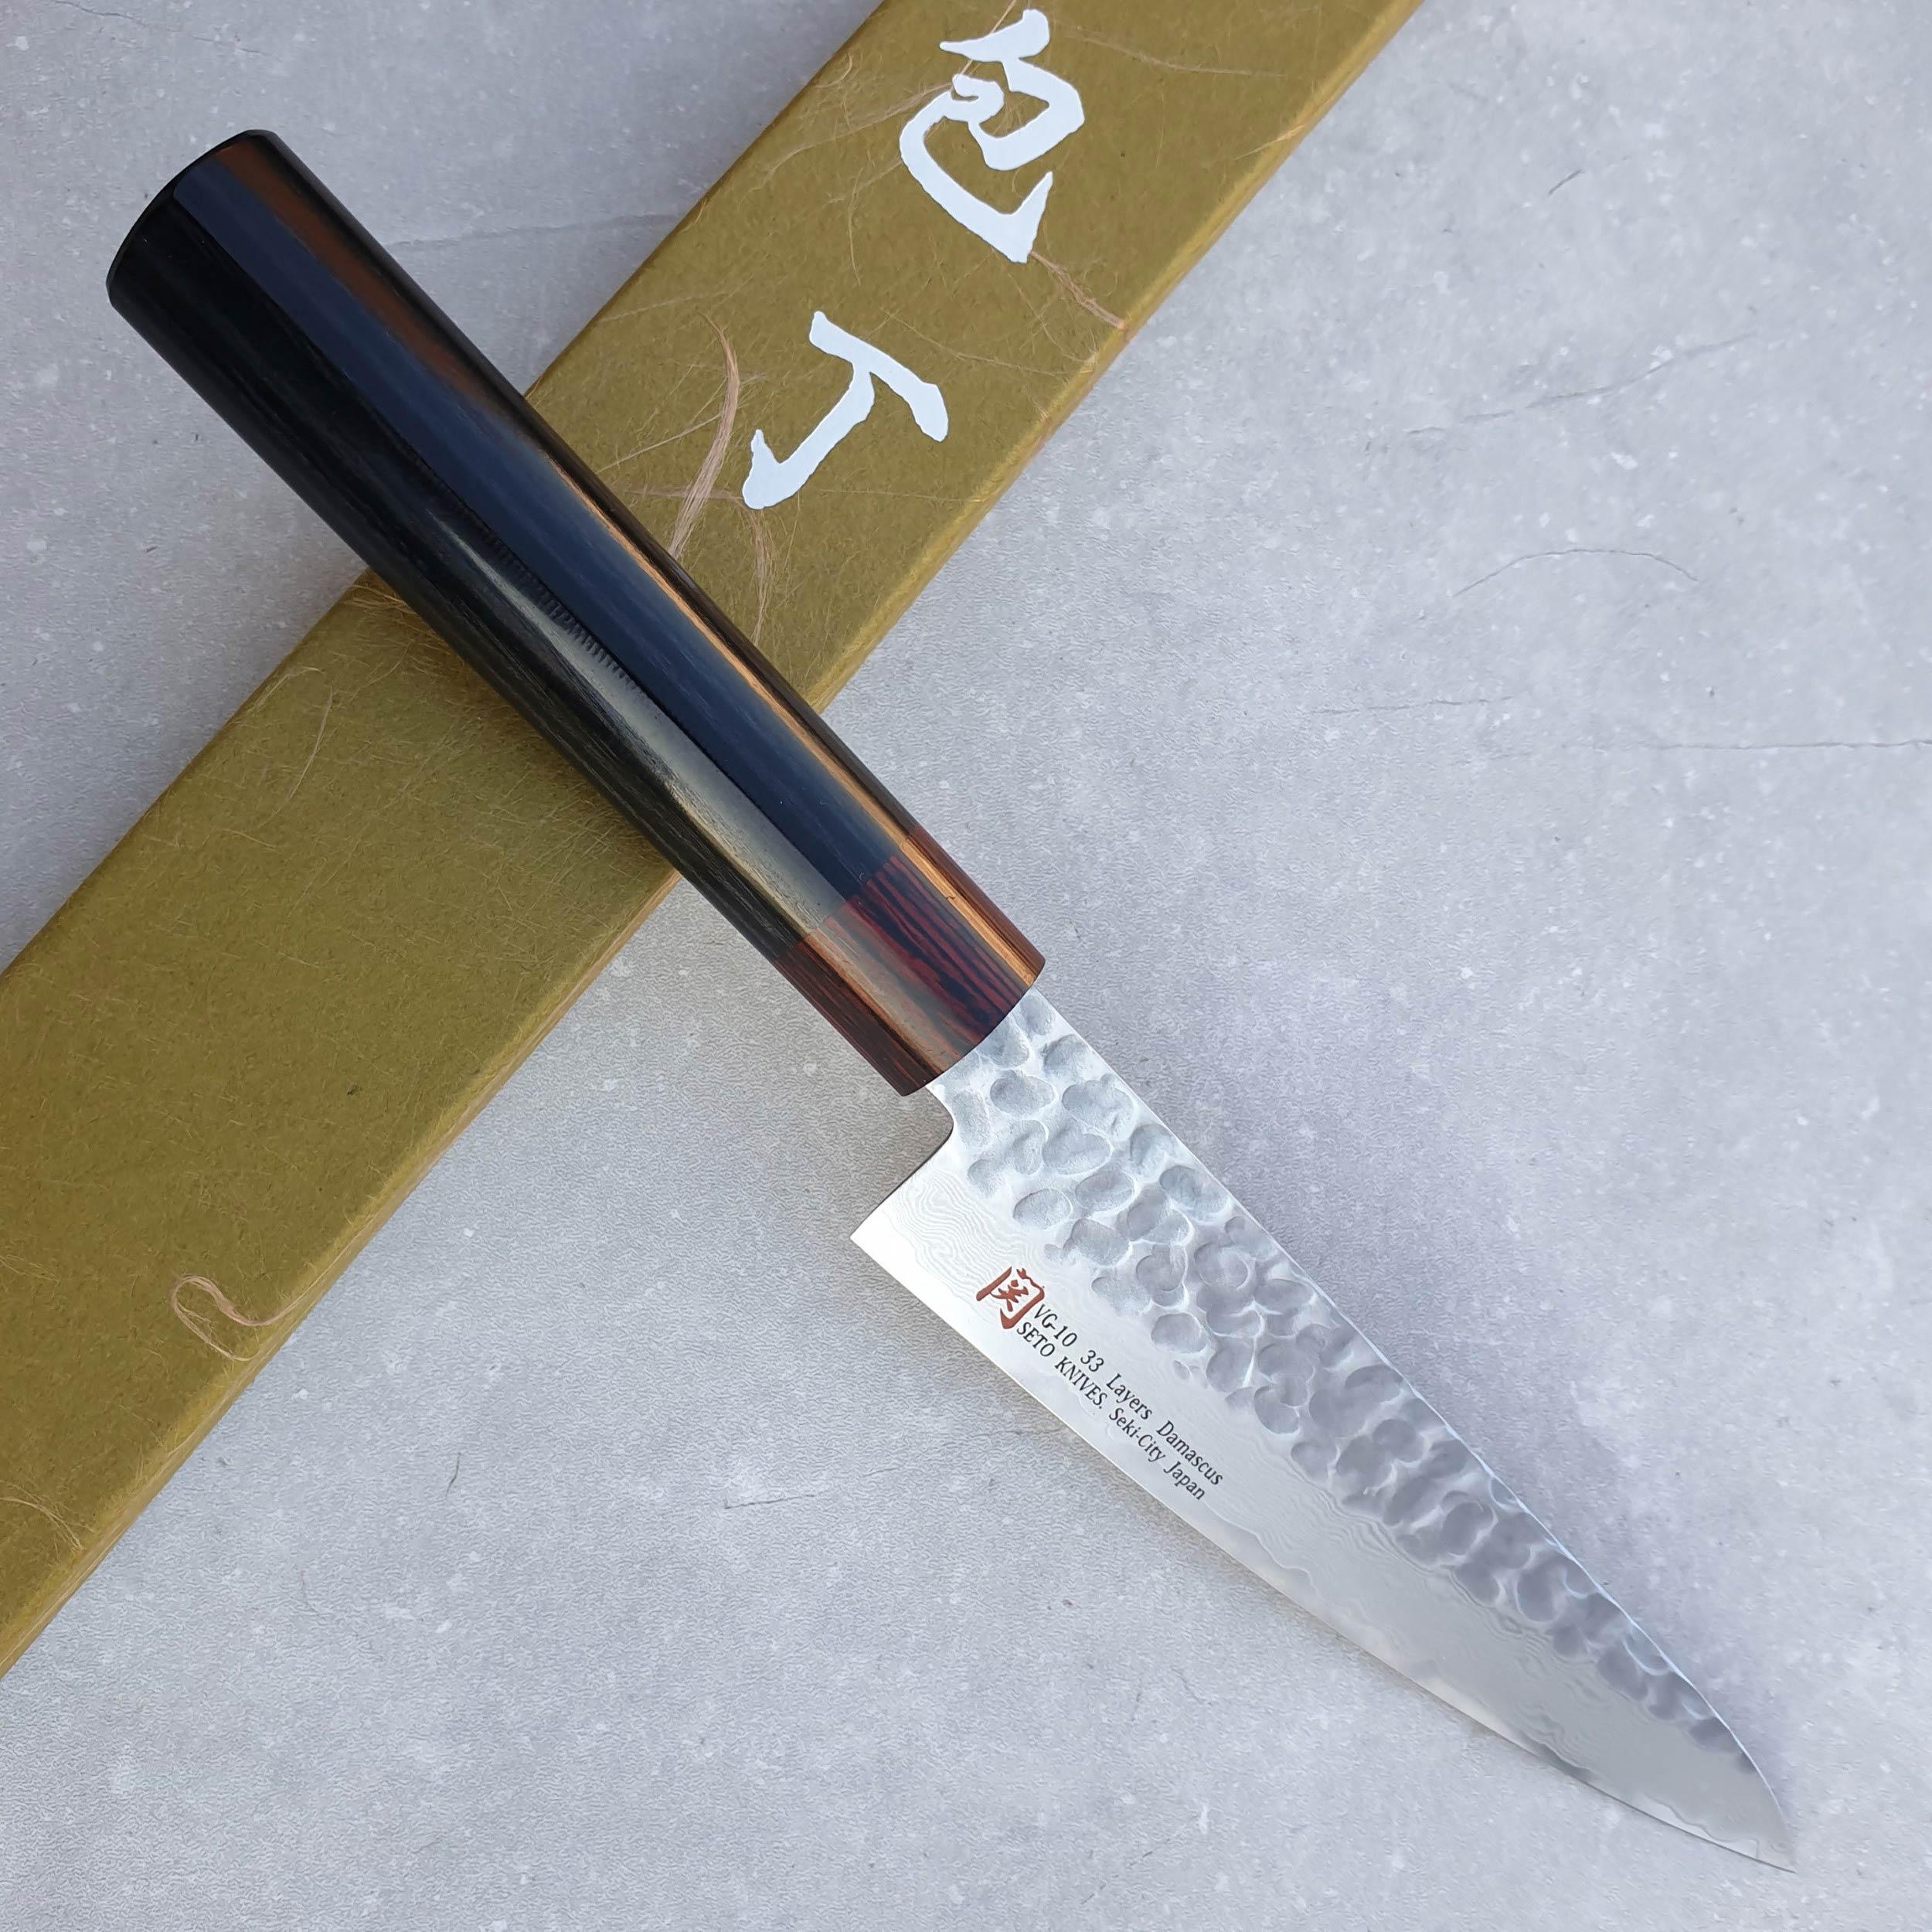 Seto Knives Iseya I-Serie KK-8 Kochmesser 13,5 cm